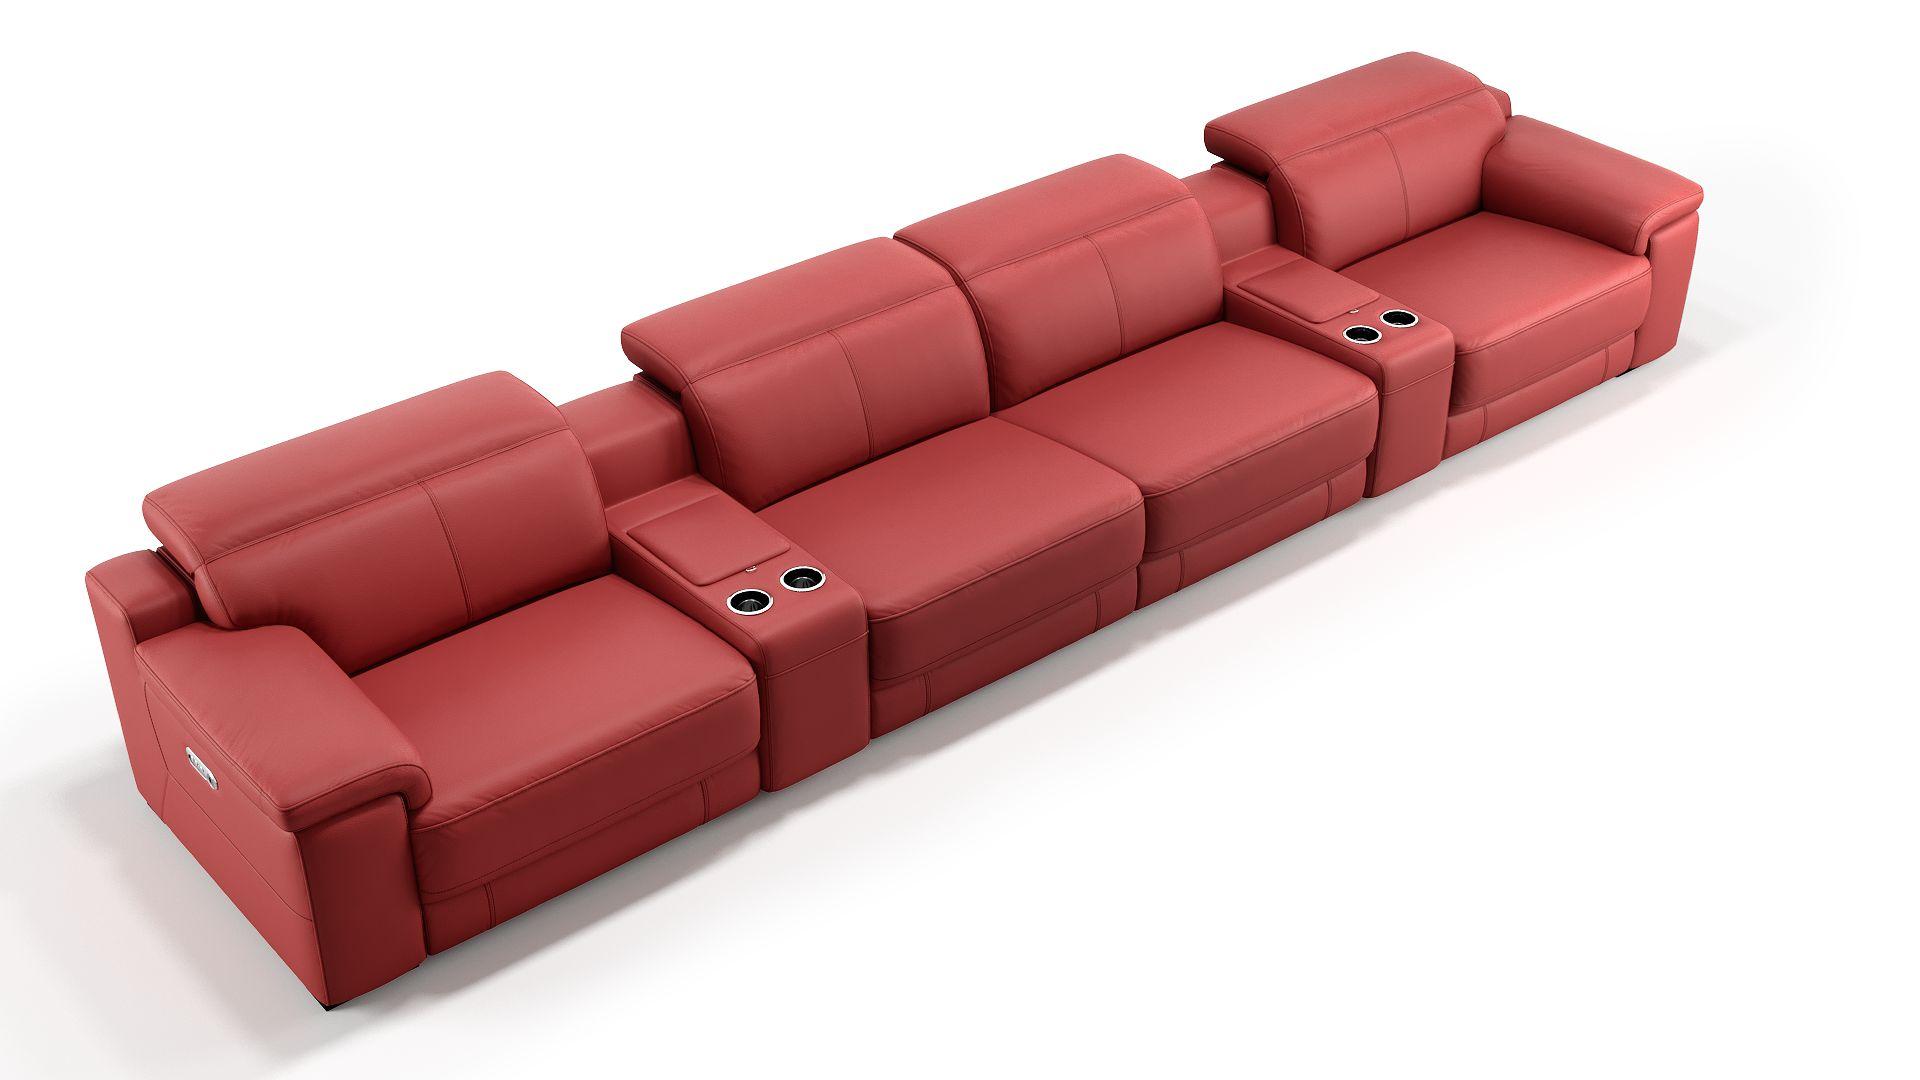 Leder 4-Sitzer Kinosofa mit zwei Mittelkonsolen SORA